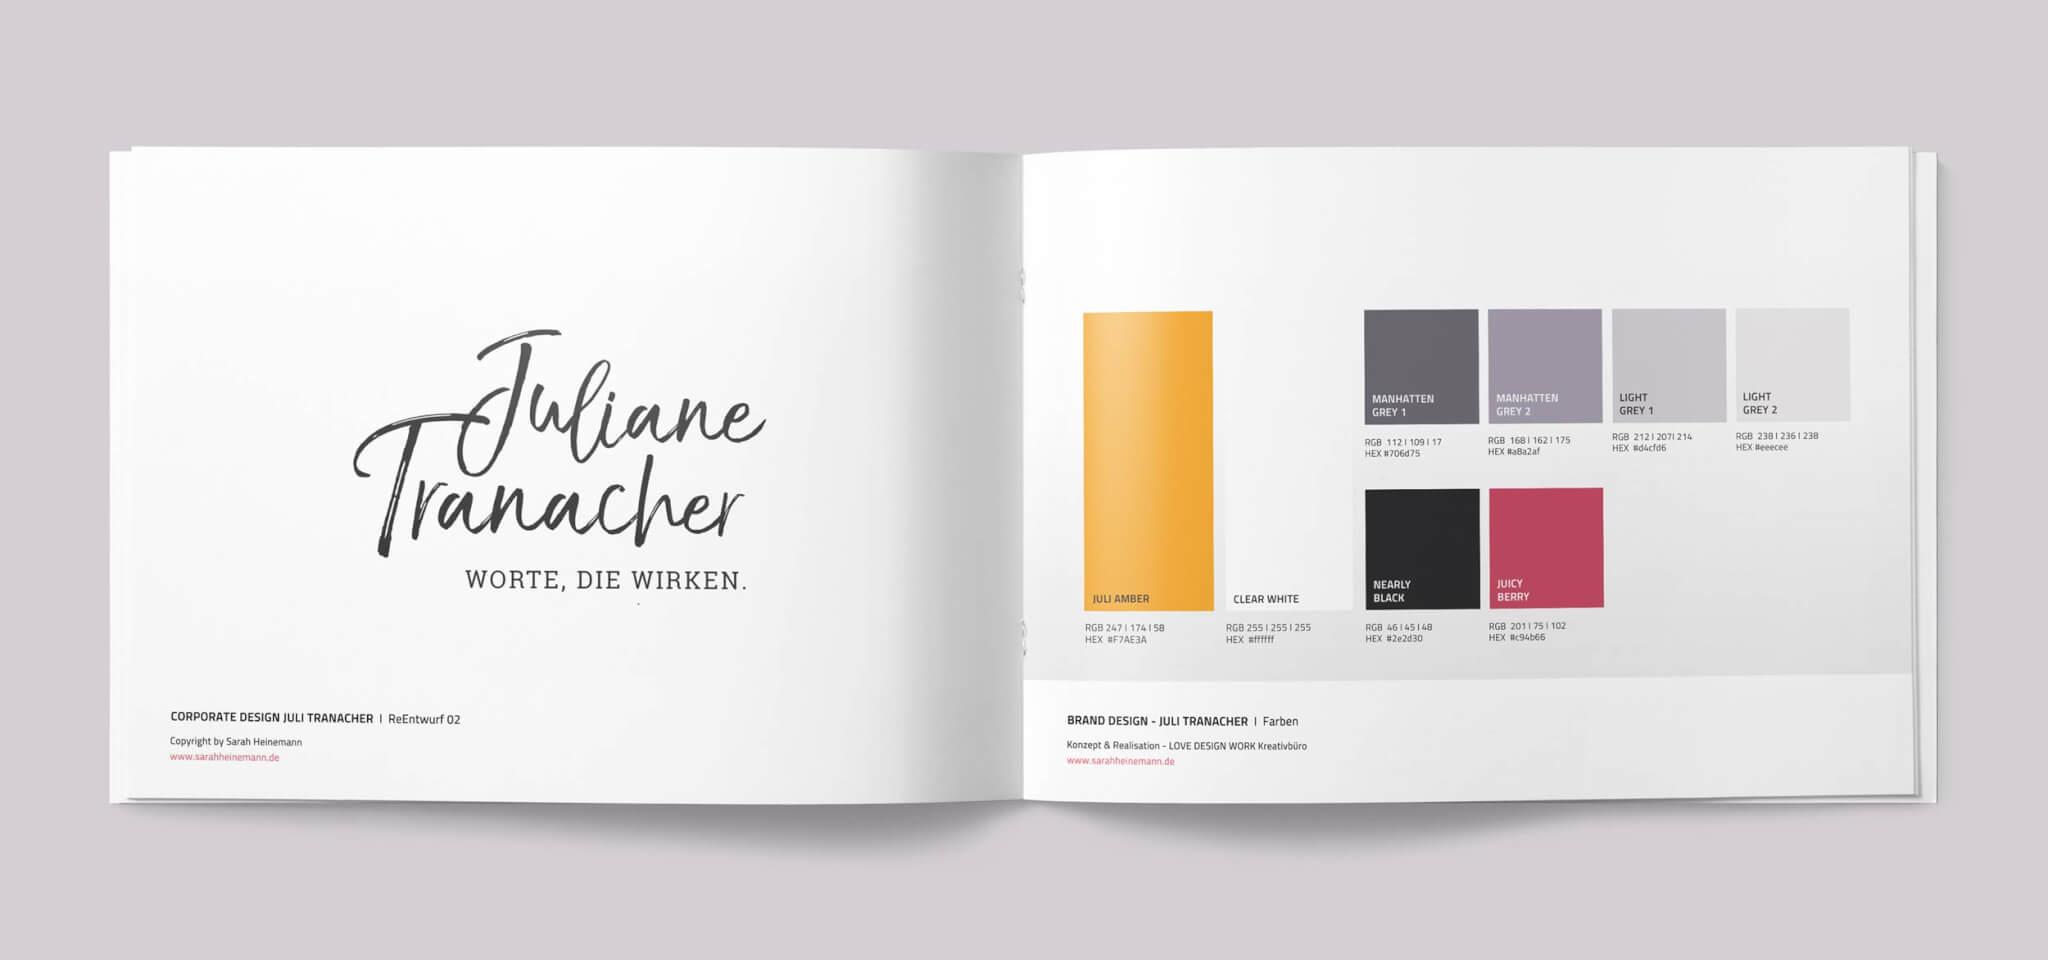 Corporate Design Styleguide von Logo-Design Beispiel Juliane Tranacher